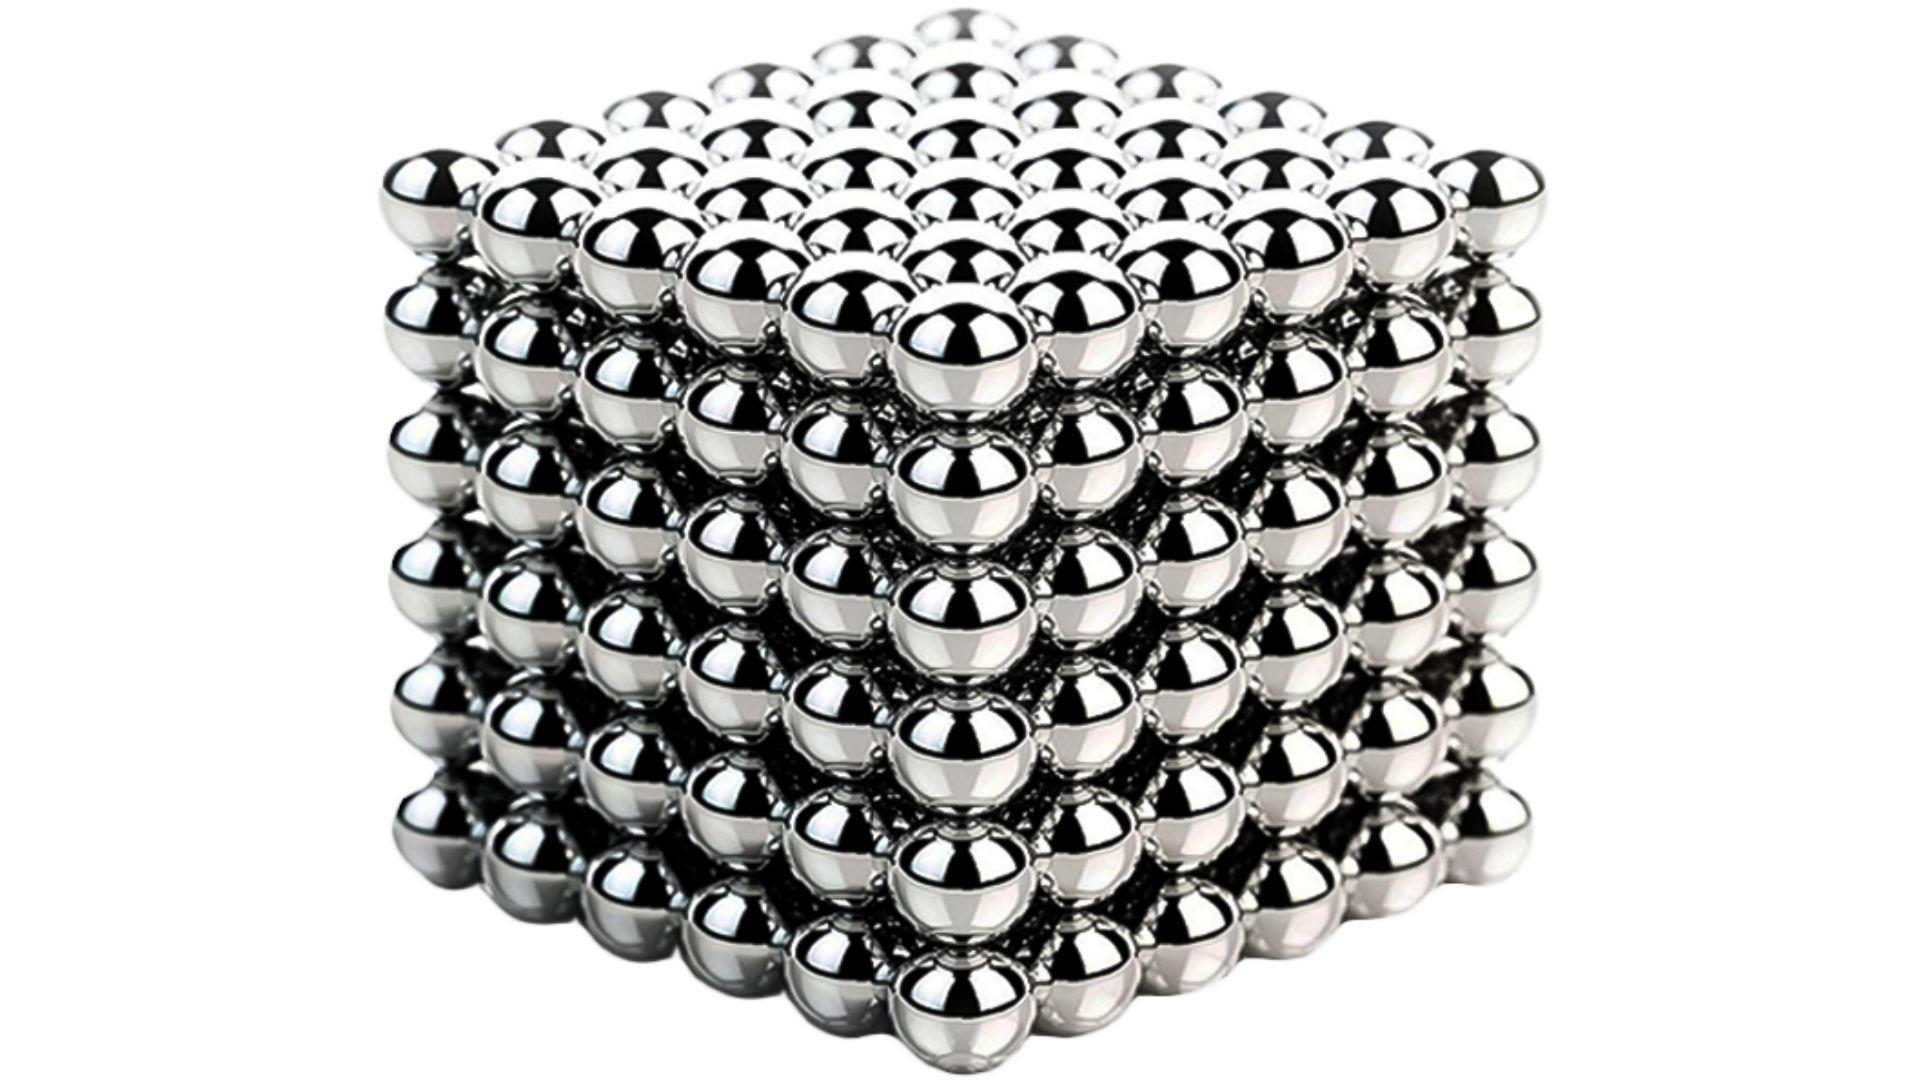 Головоломка магнитная Elite - 5 мм x 216 шариков 4